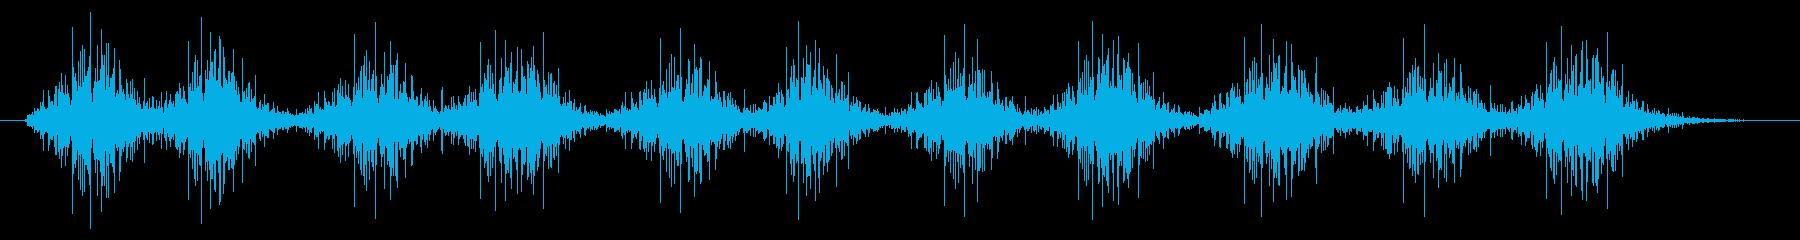 風が通る音、木琴の音(楽器、アジア)の再生済みの波形